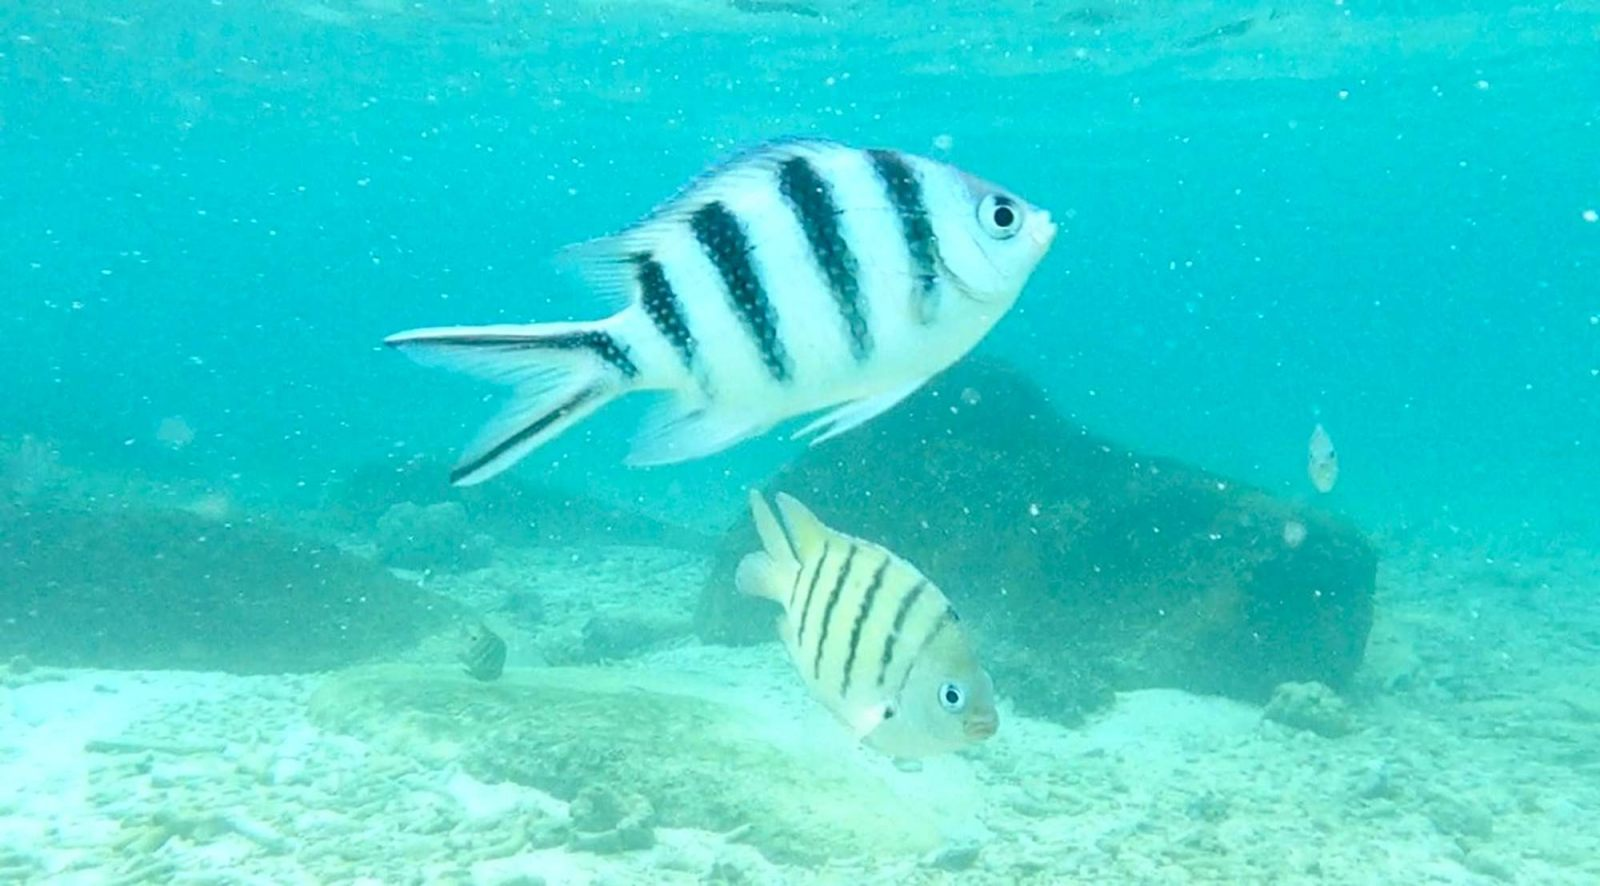 Hibiscus & Nomada : Thailand - Snorkeling in Koh Tao